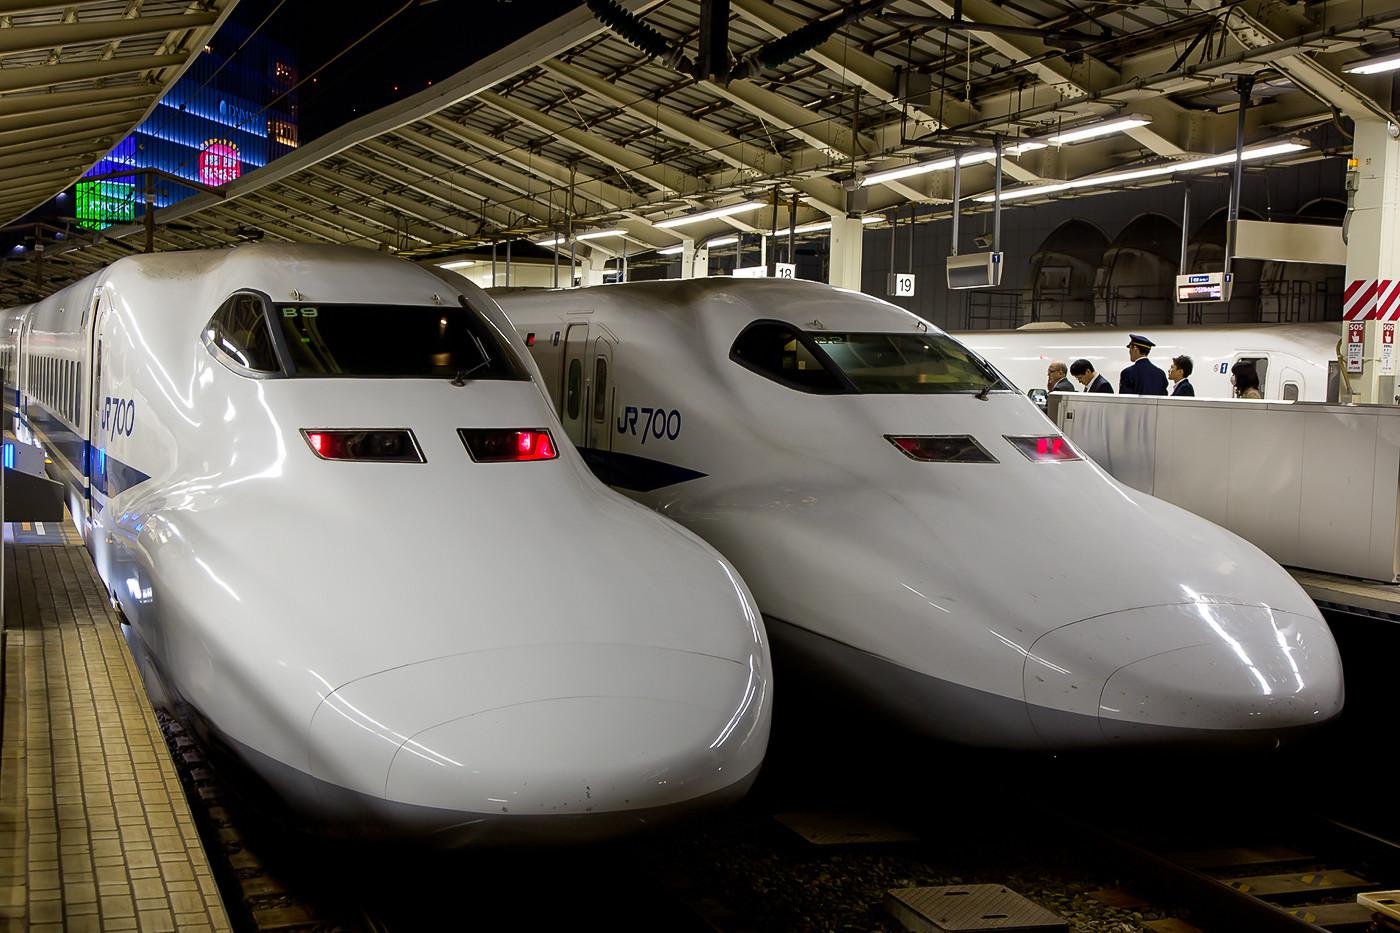 Zwei Züge der Baureihe 700C der JR Central in Tokyo Station.